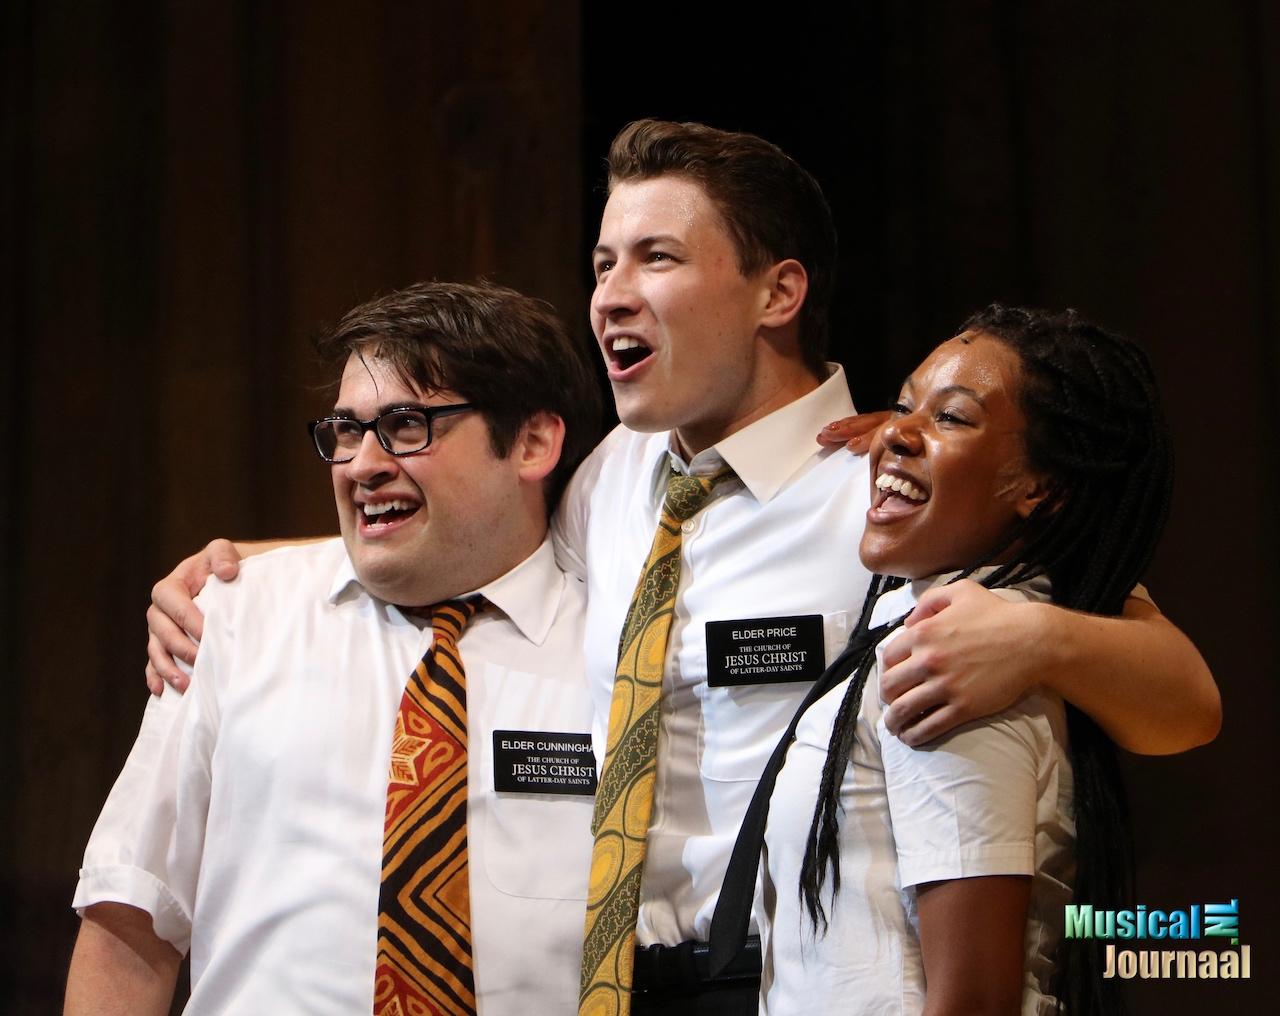 The Book of Mormon: beter dan het Boek